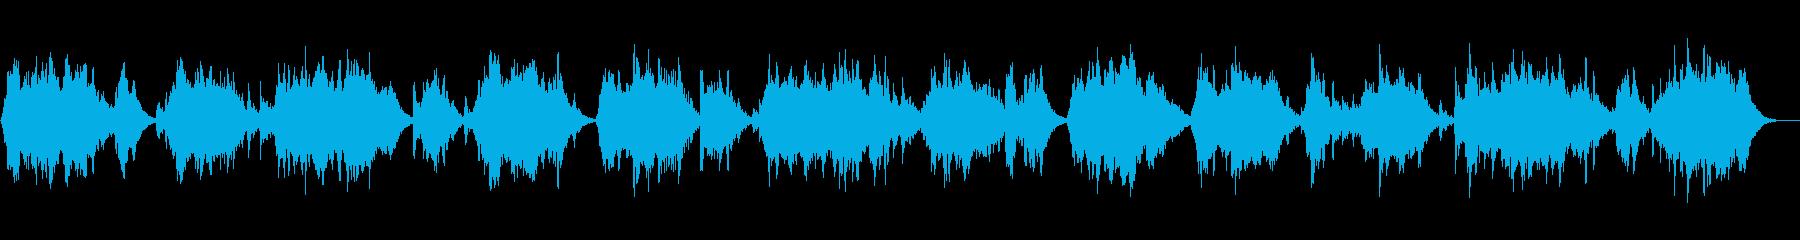 ★★★怪談★心霊★都市伝説★BGM★02の再生済みの波形